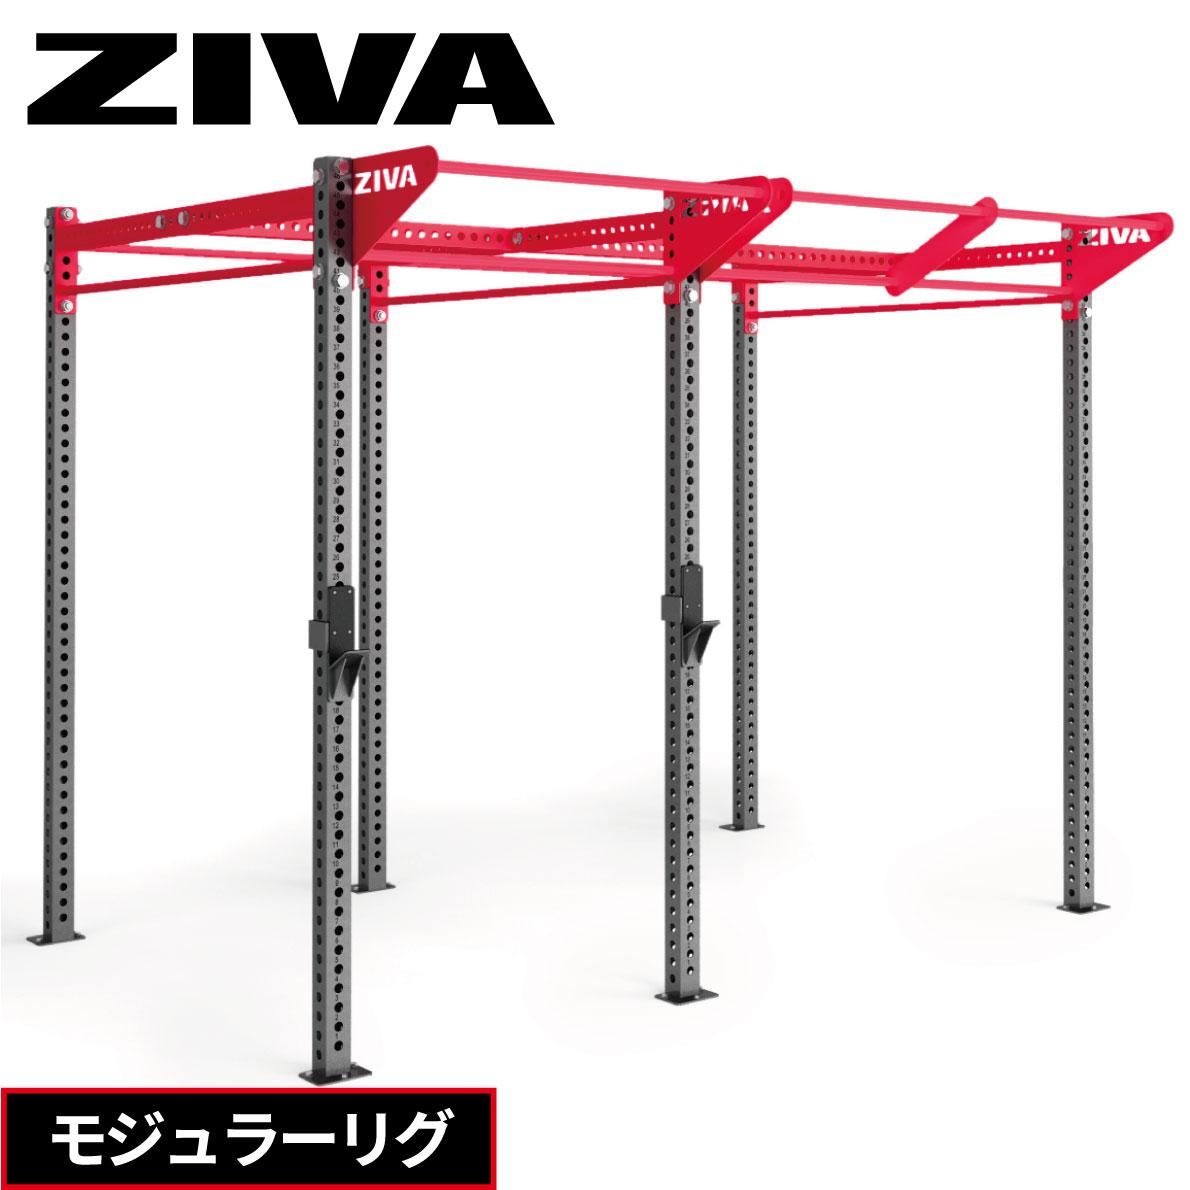 パワーラック モジュラーリグ ZIVA ジーヴァ ウエイトトレーニング 筋力トレーニング フリーウエイト ボックスタイプ ホームジム パワーケージ セーフティアーム 業務用 家庭用